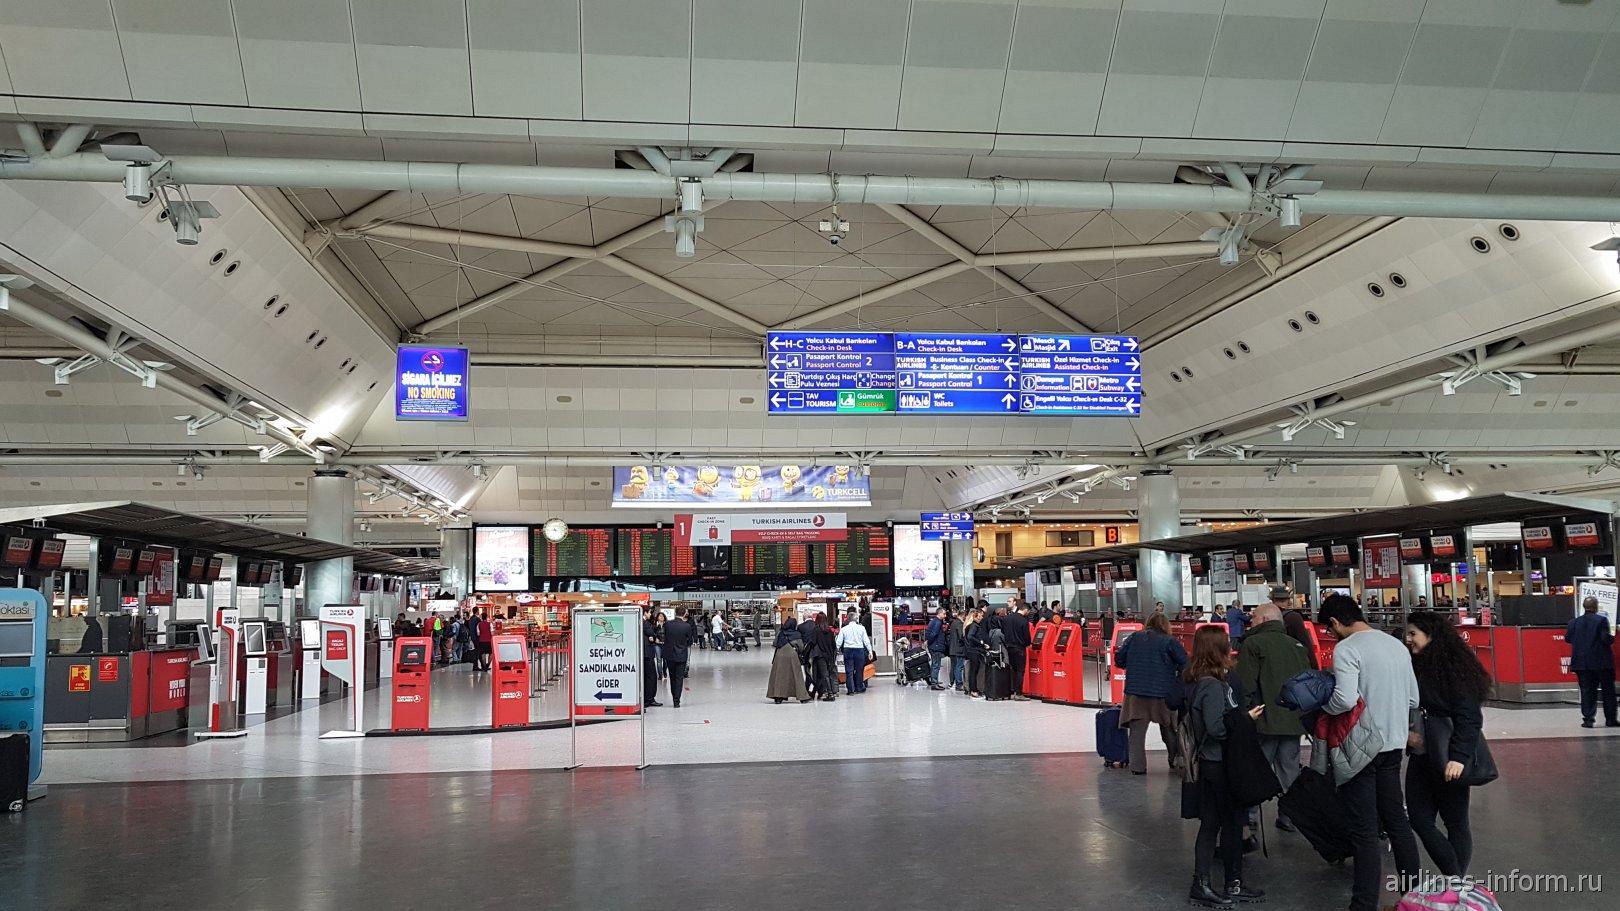 Зал регистрации в аэропорту Стамбул Ататюрк